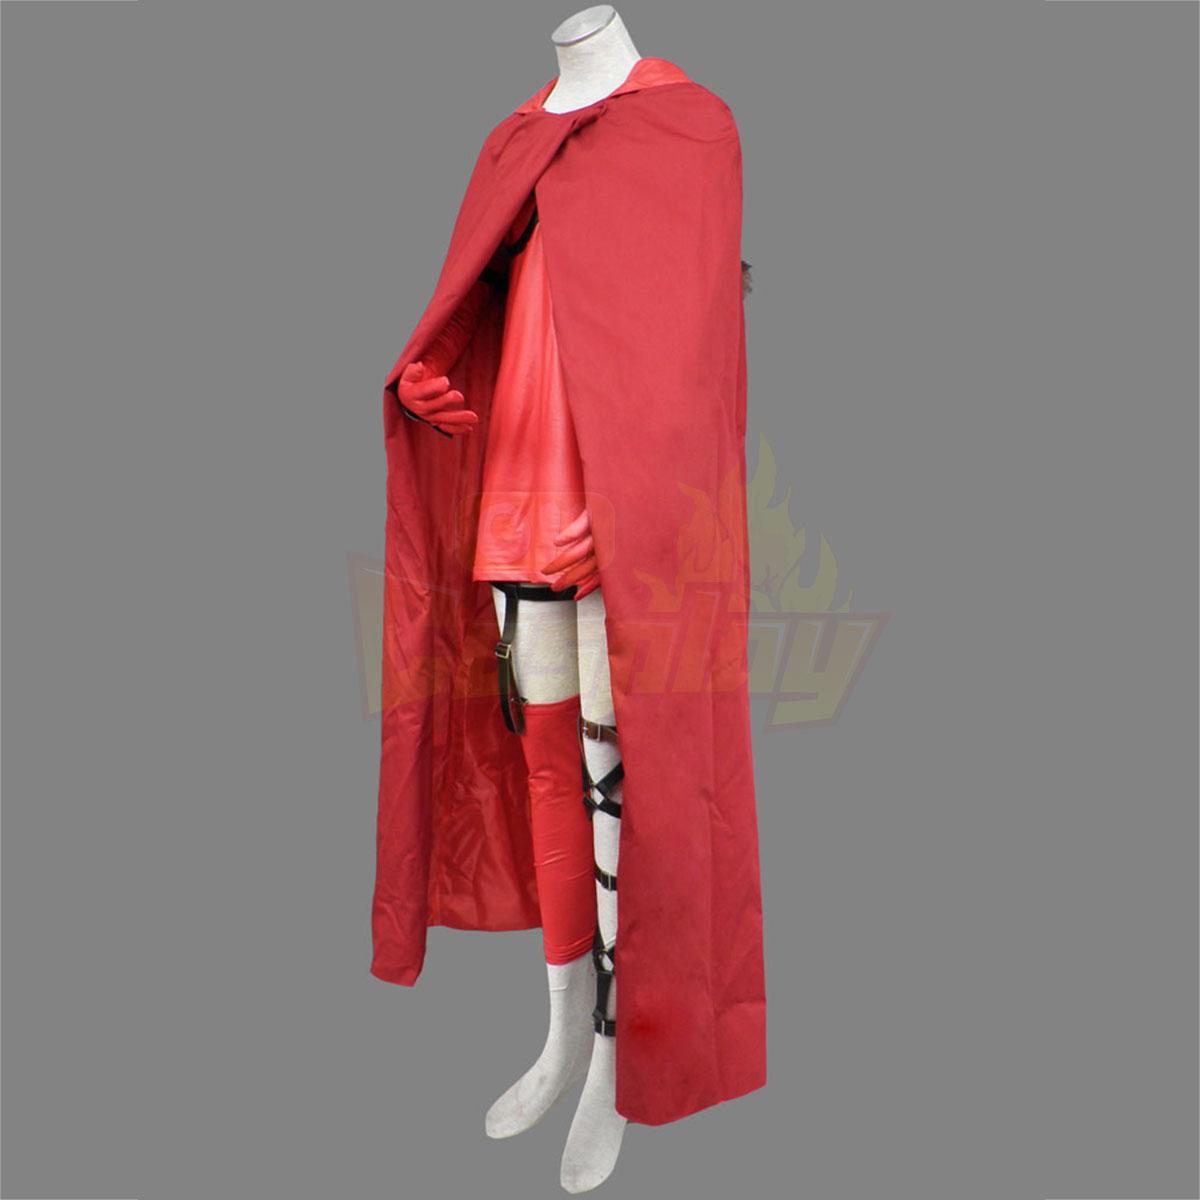 Роскошный Синсэнгуми Red Riding Hood Lisette Long cloak Косплей Cos Костюмы